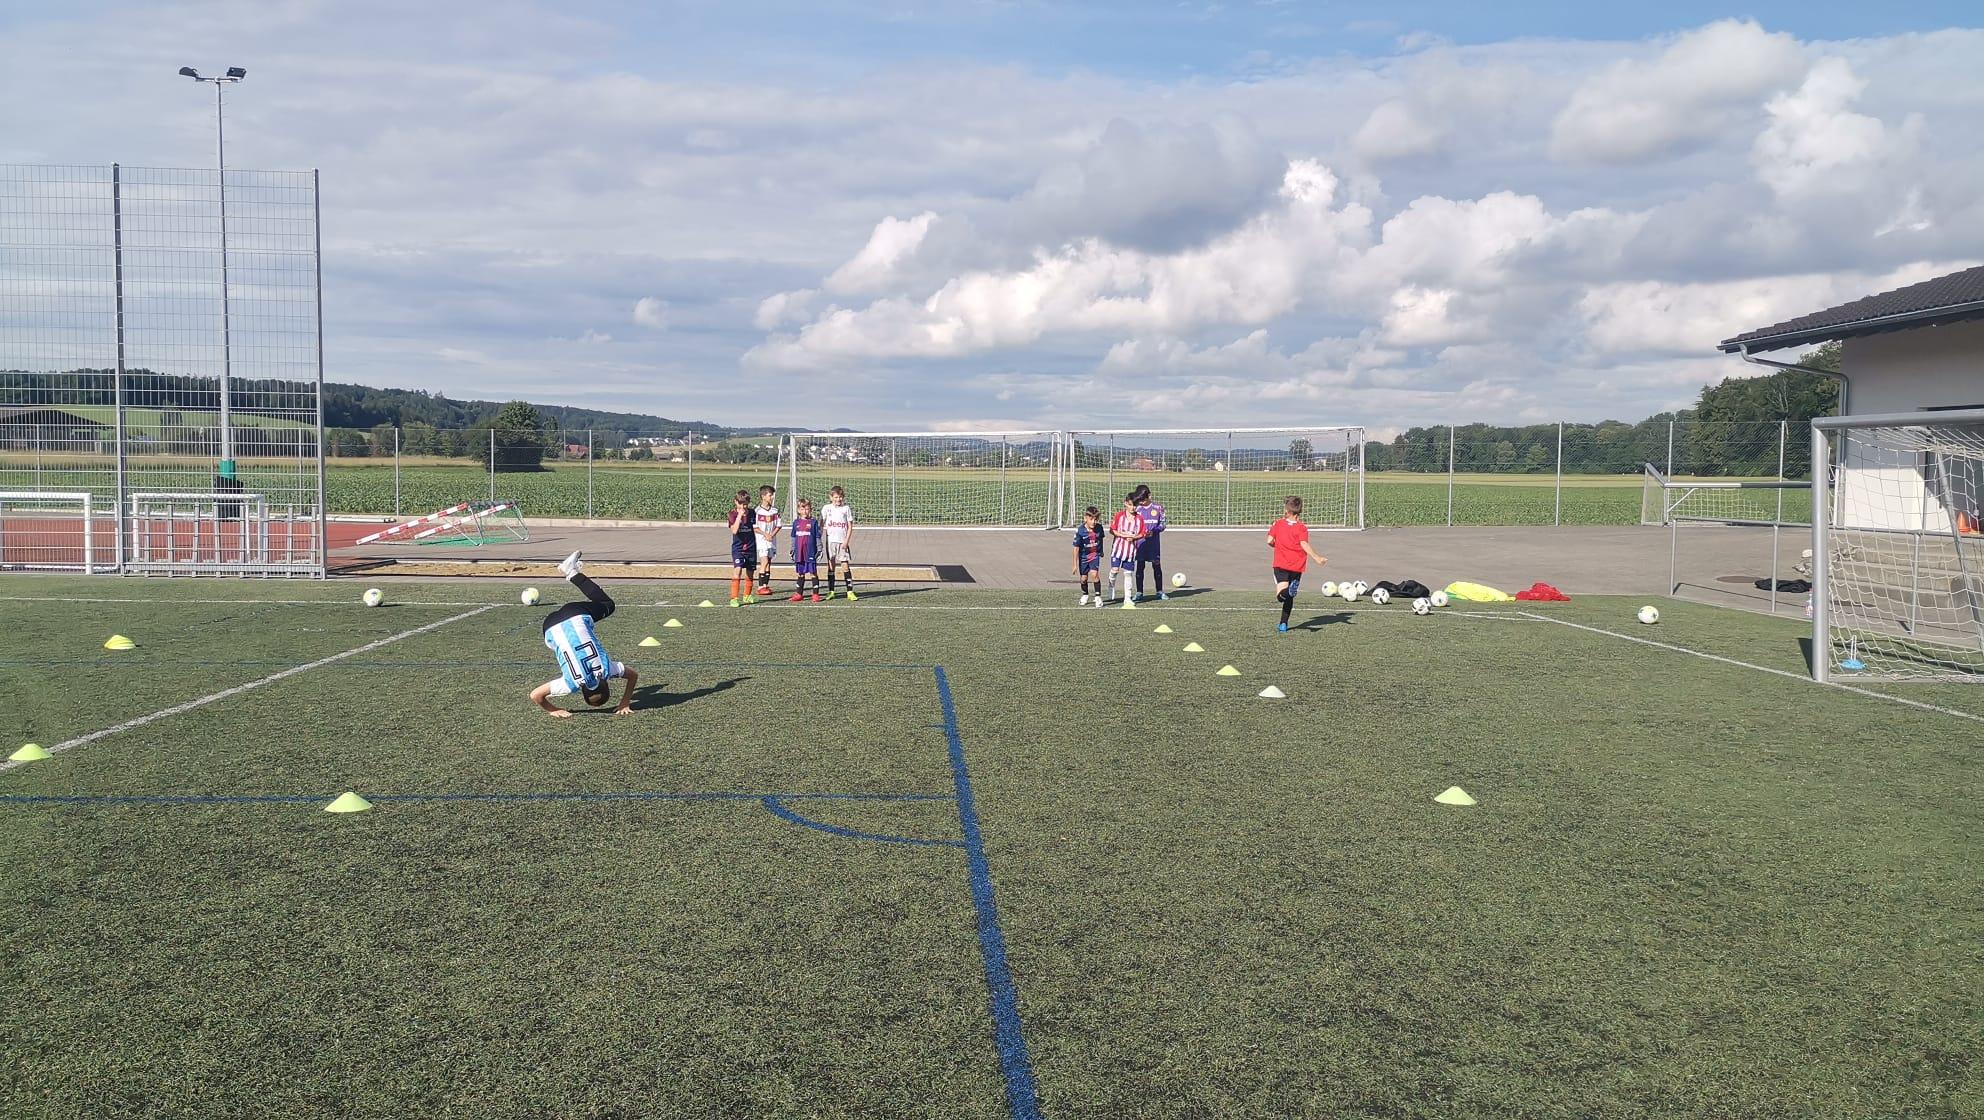 Schon beim Aufwärmen zeigen die jungen Fussballerinnen und Fussballer vollen Einsatz.